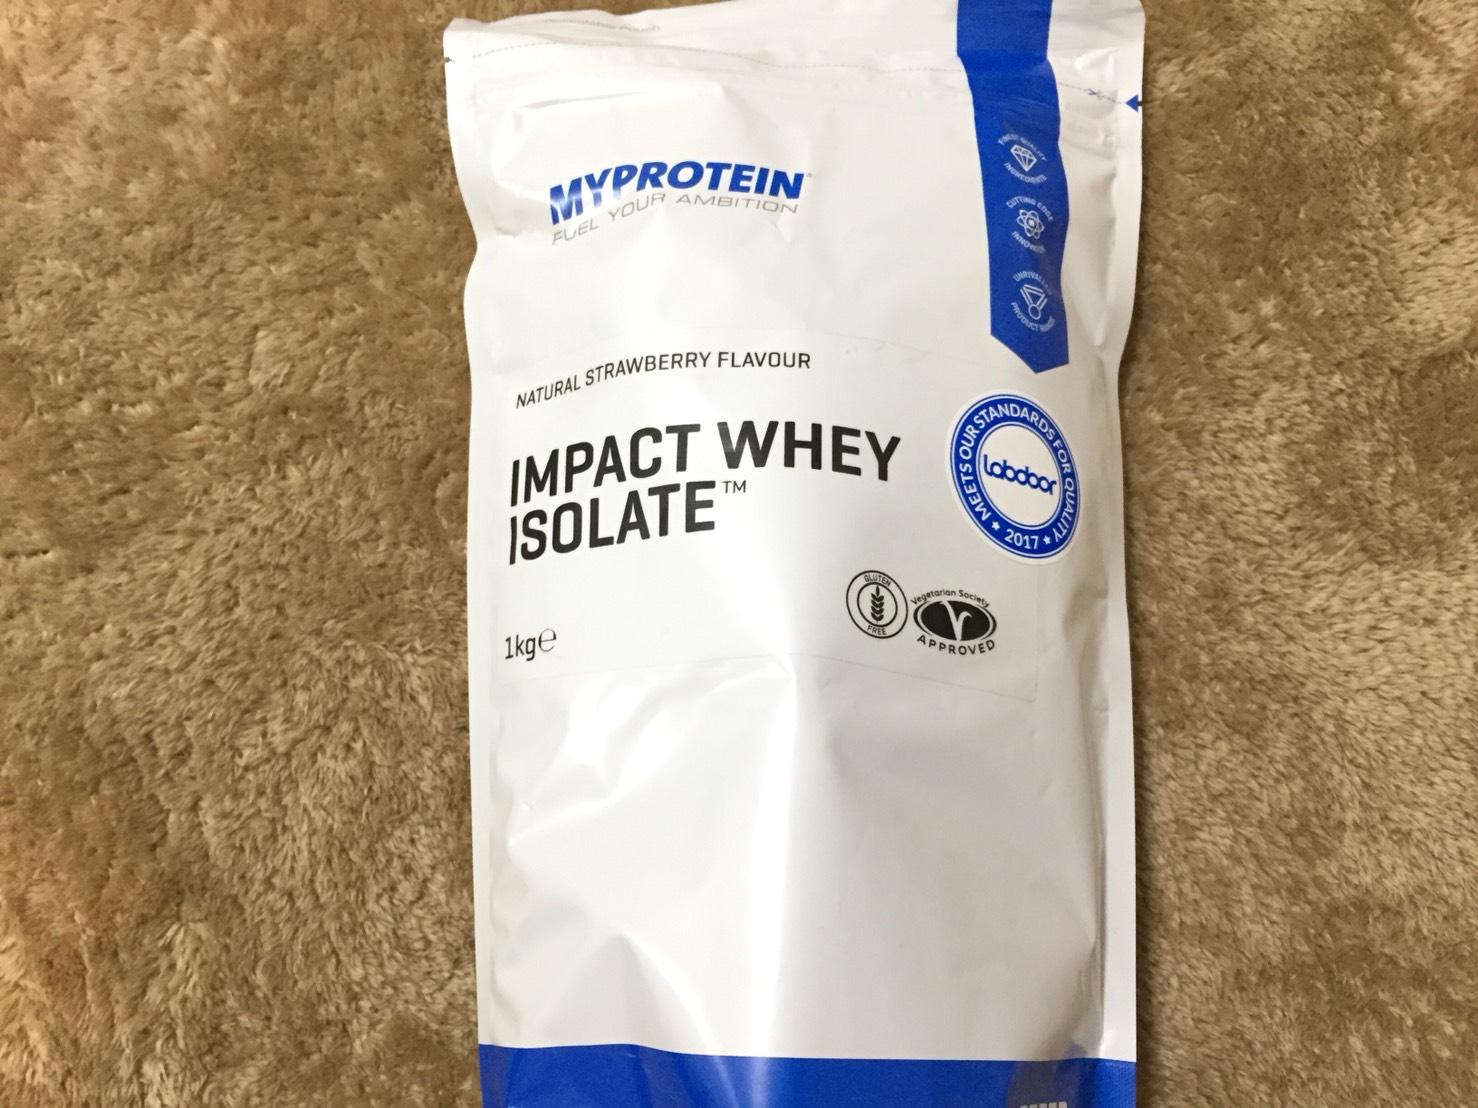 IMPACT分離ホエイプロテイン 1kg (ナチュラルストロベリー味)